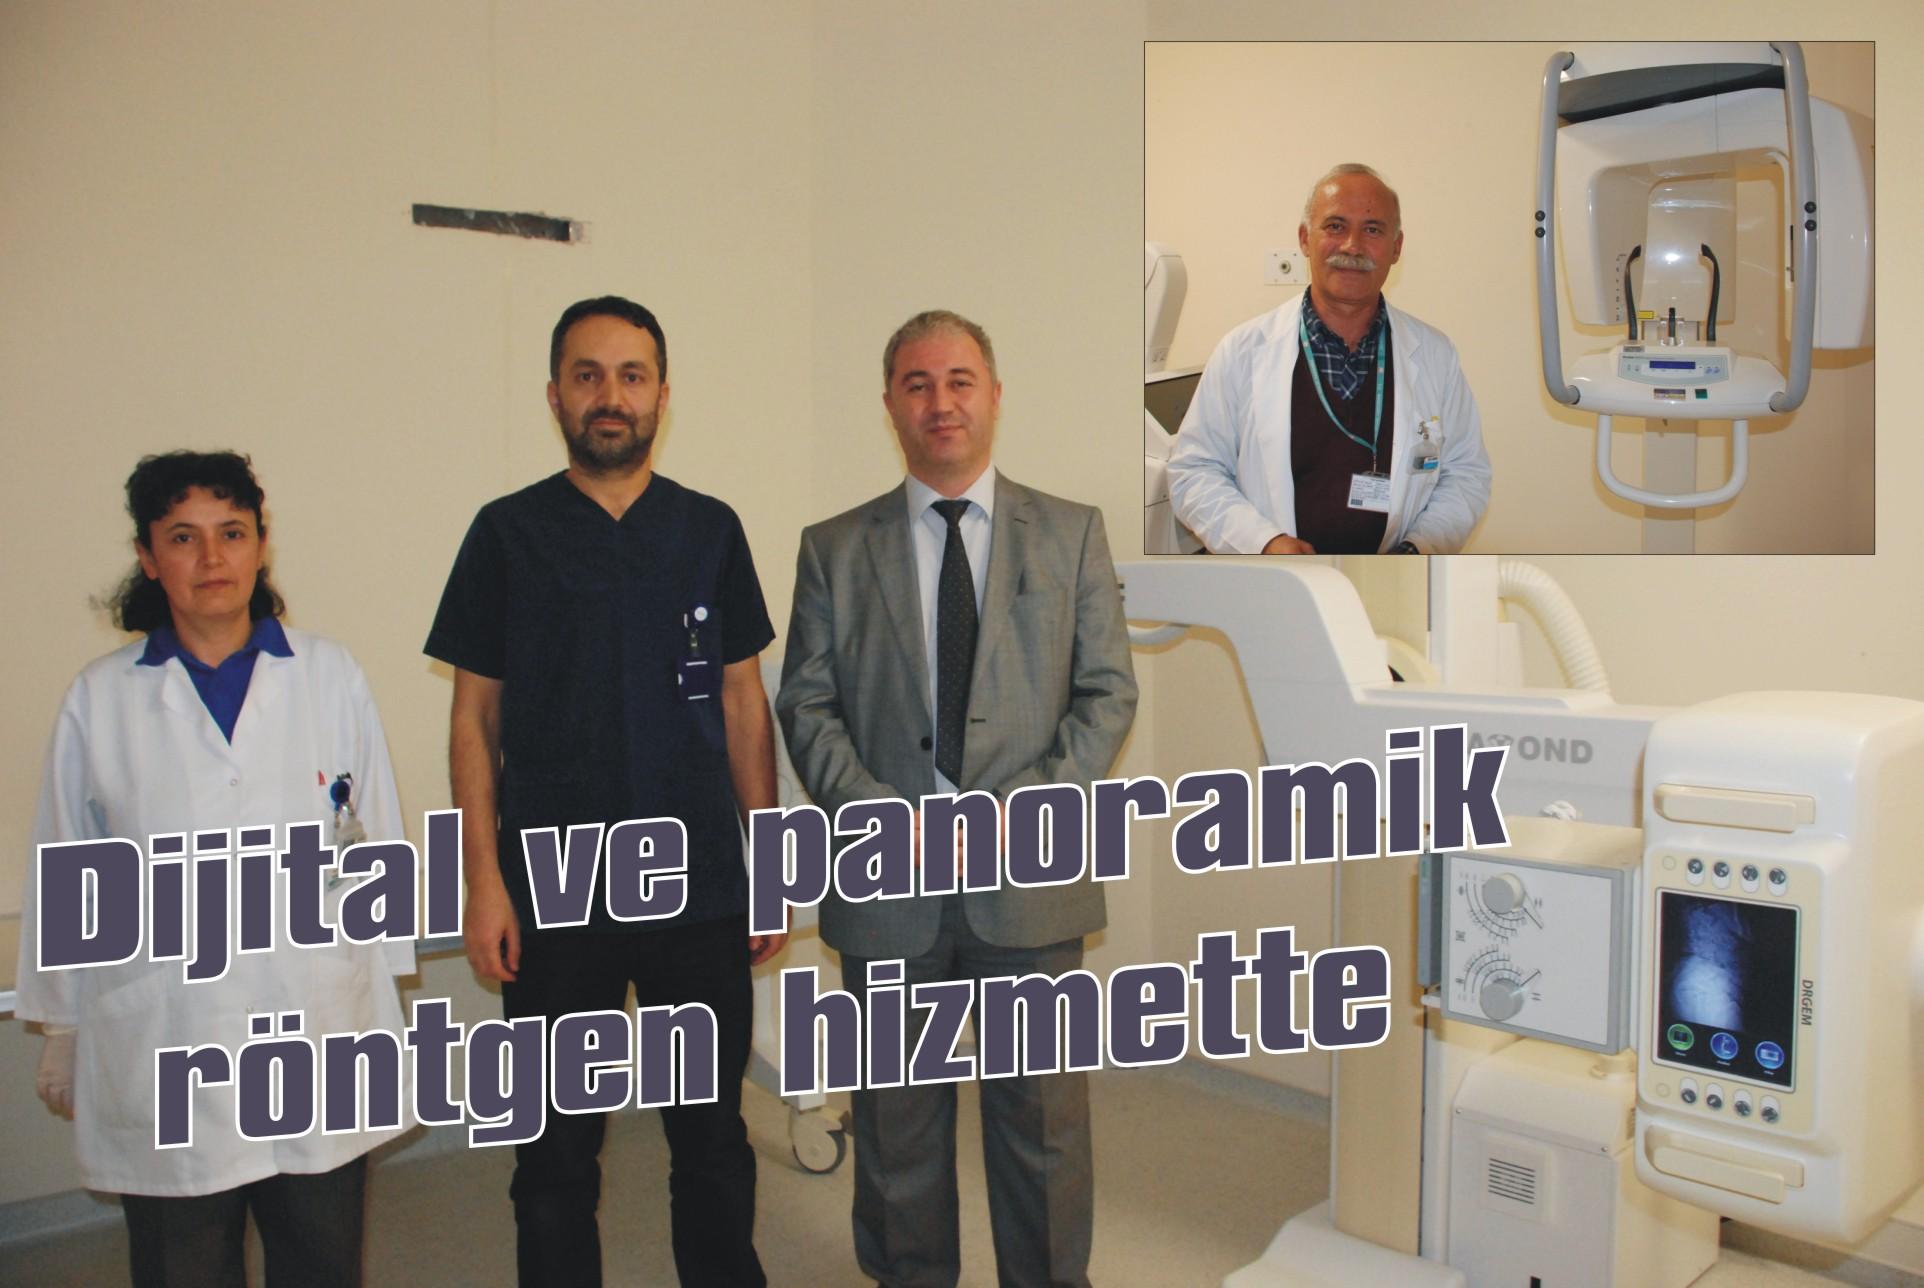 Dijital ve panoramik röntgen hizmette